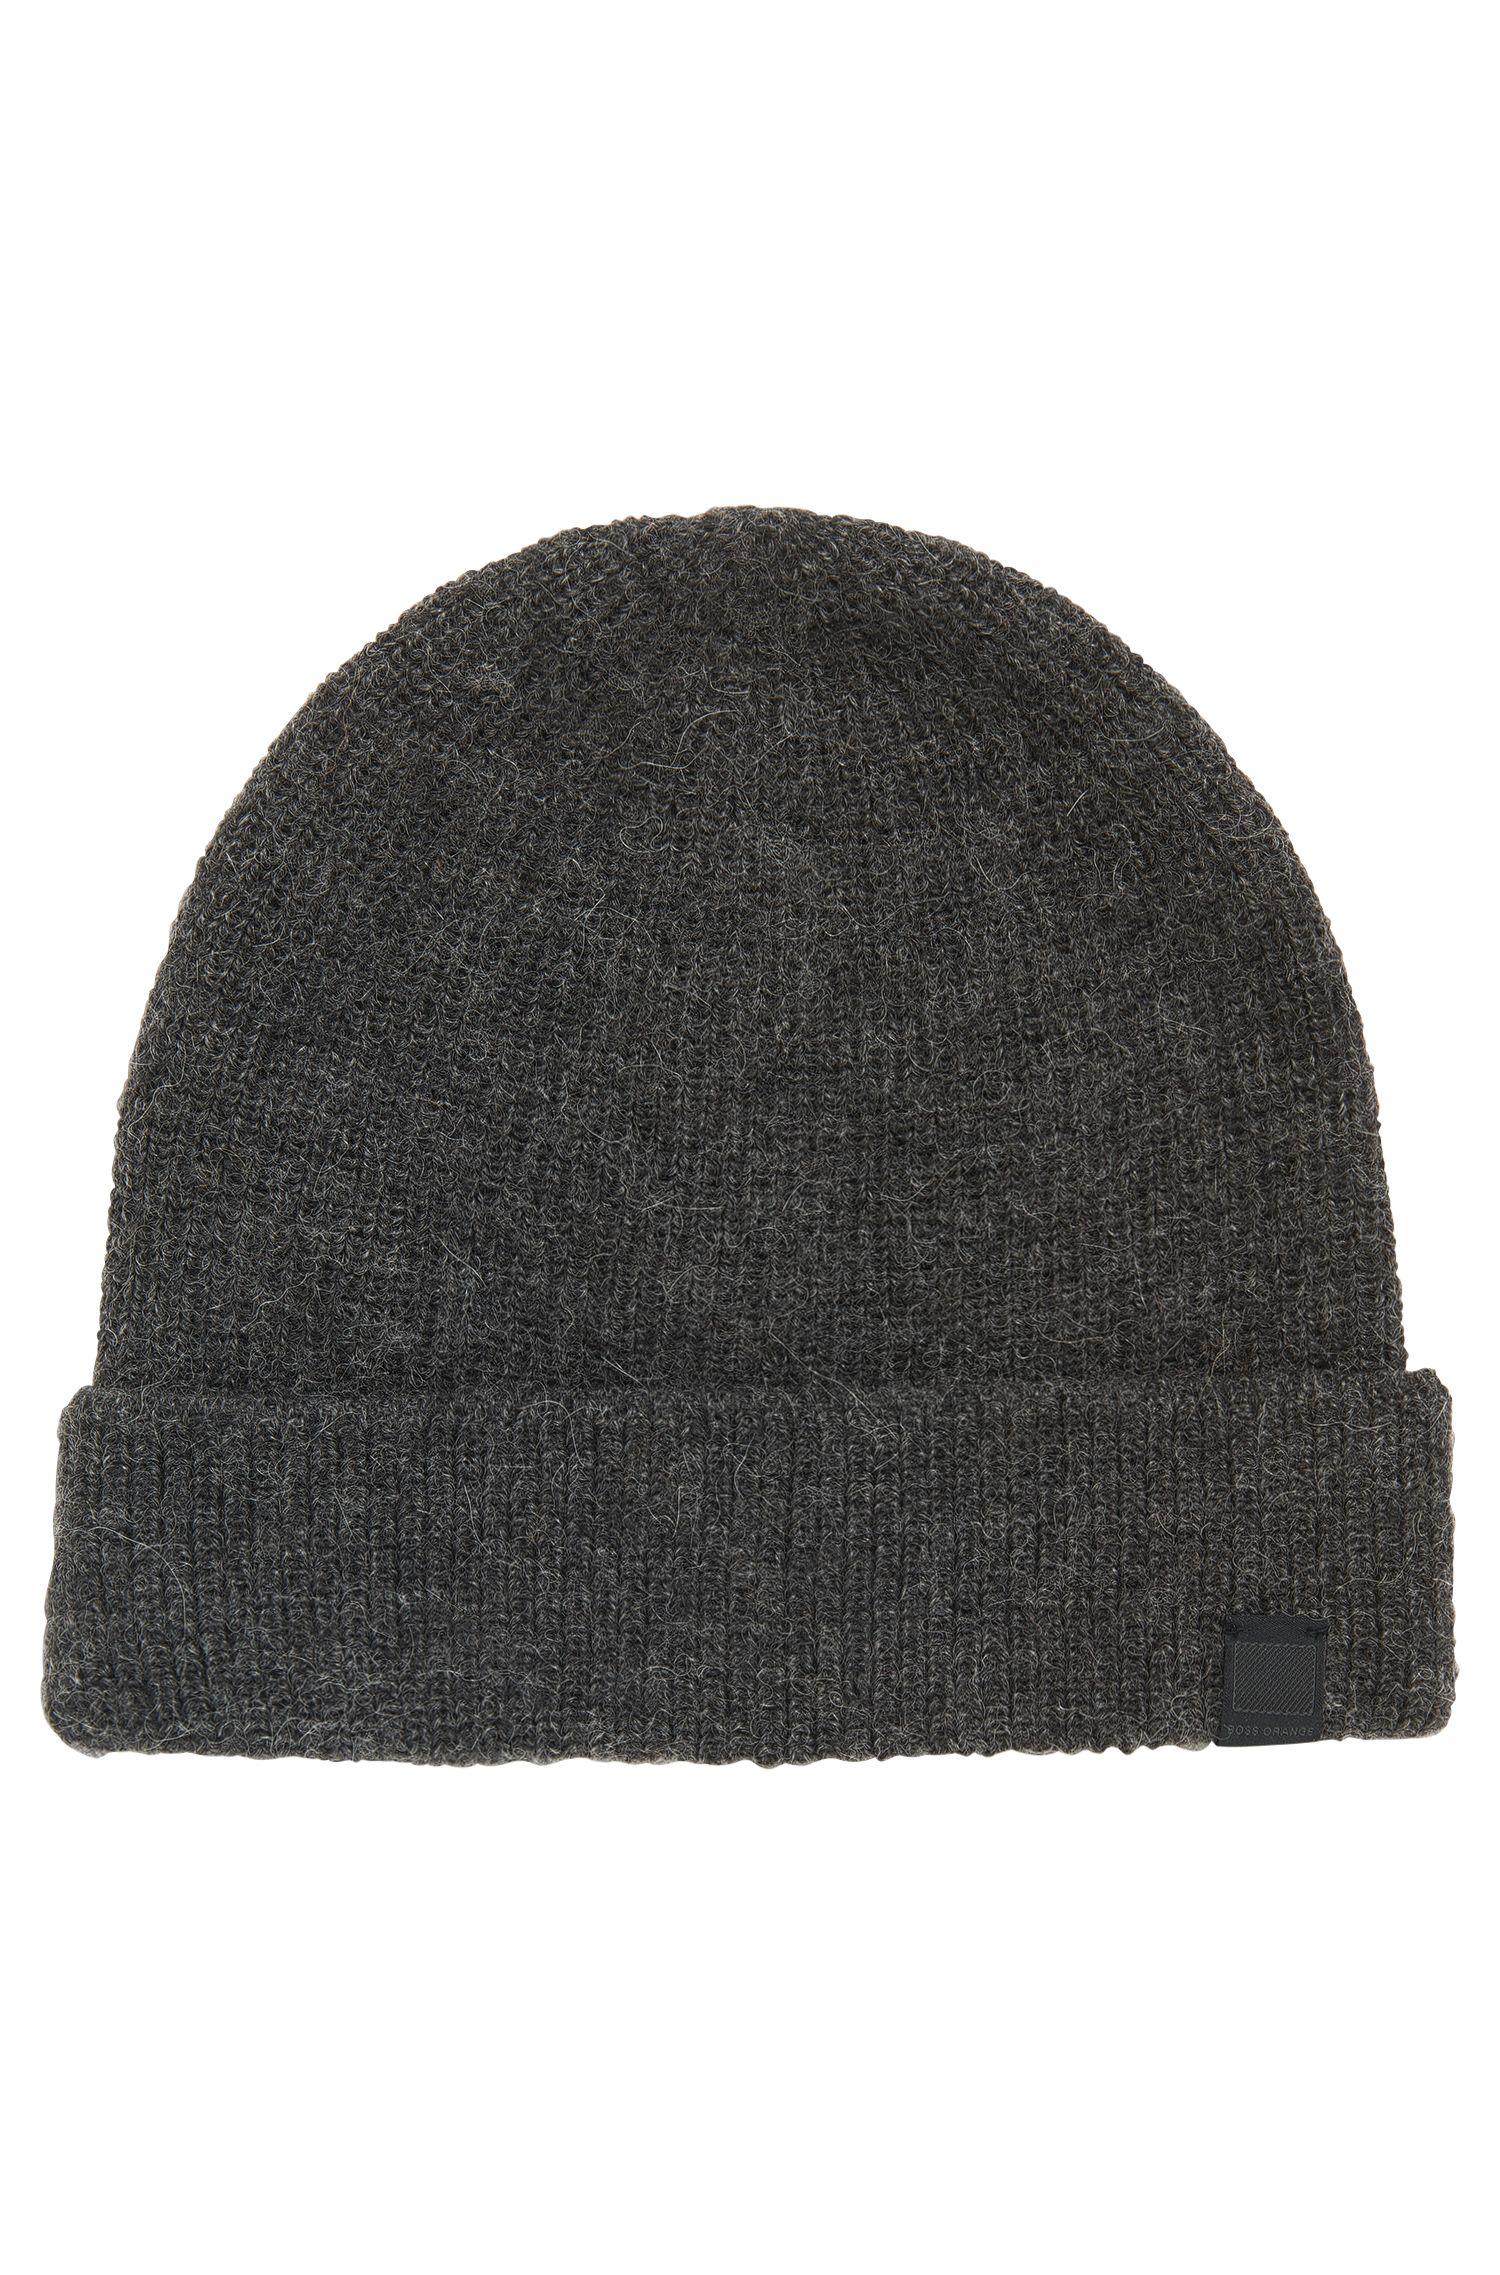 Alpaca yarn beanie hat